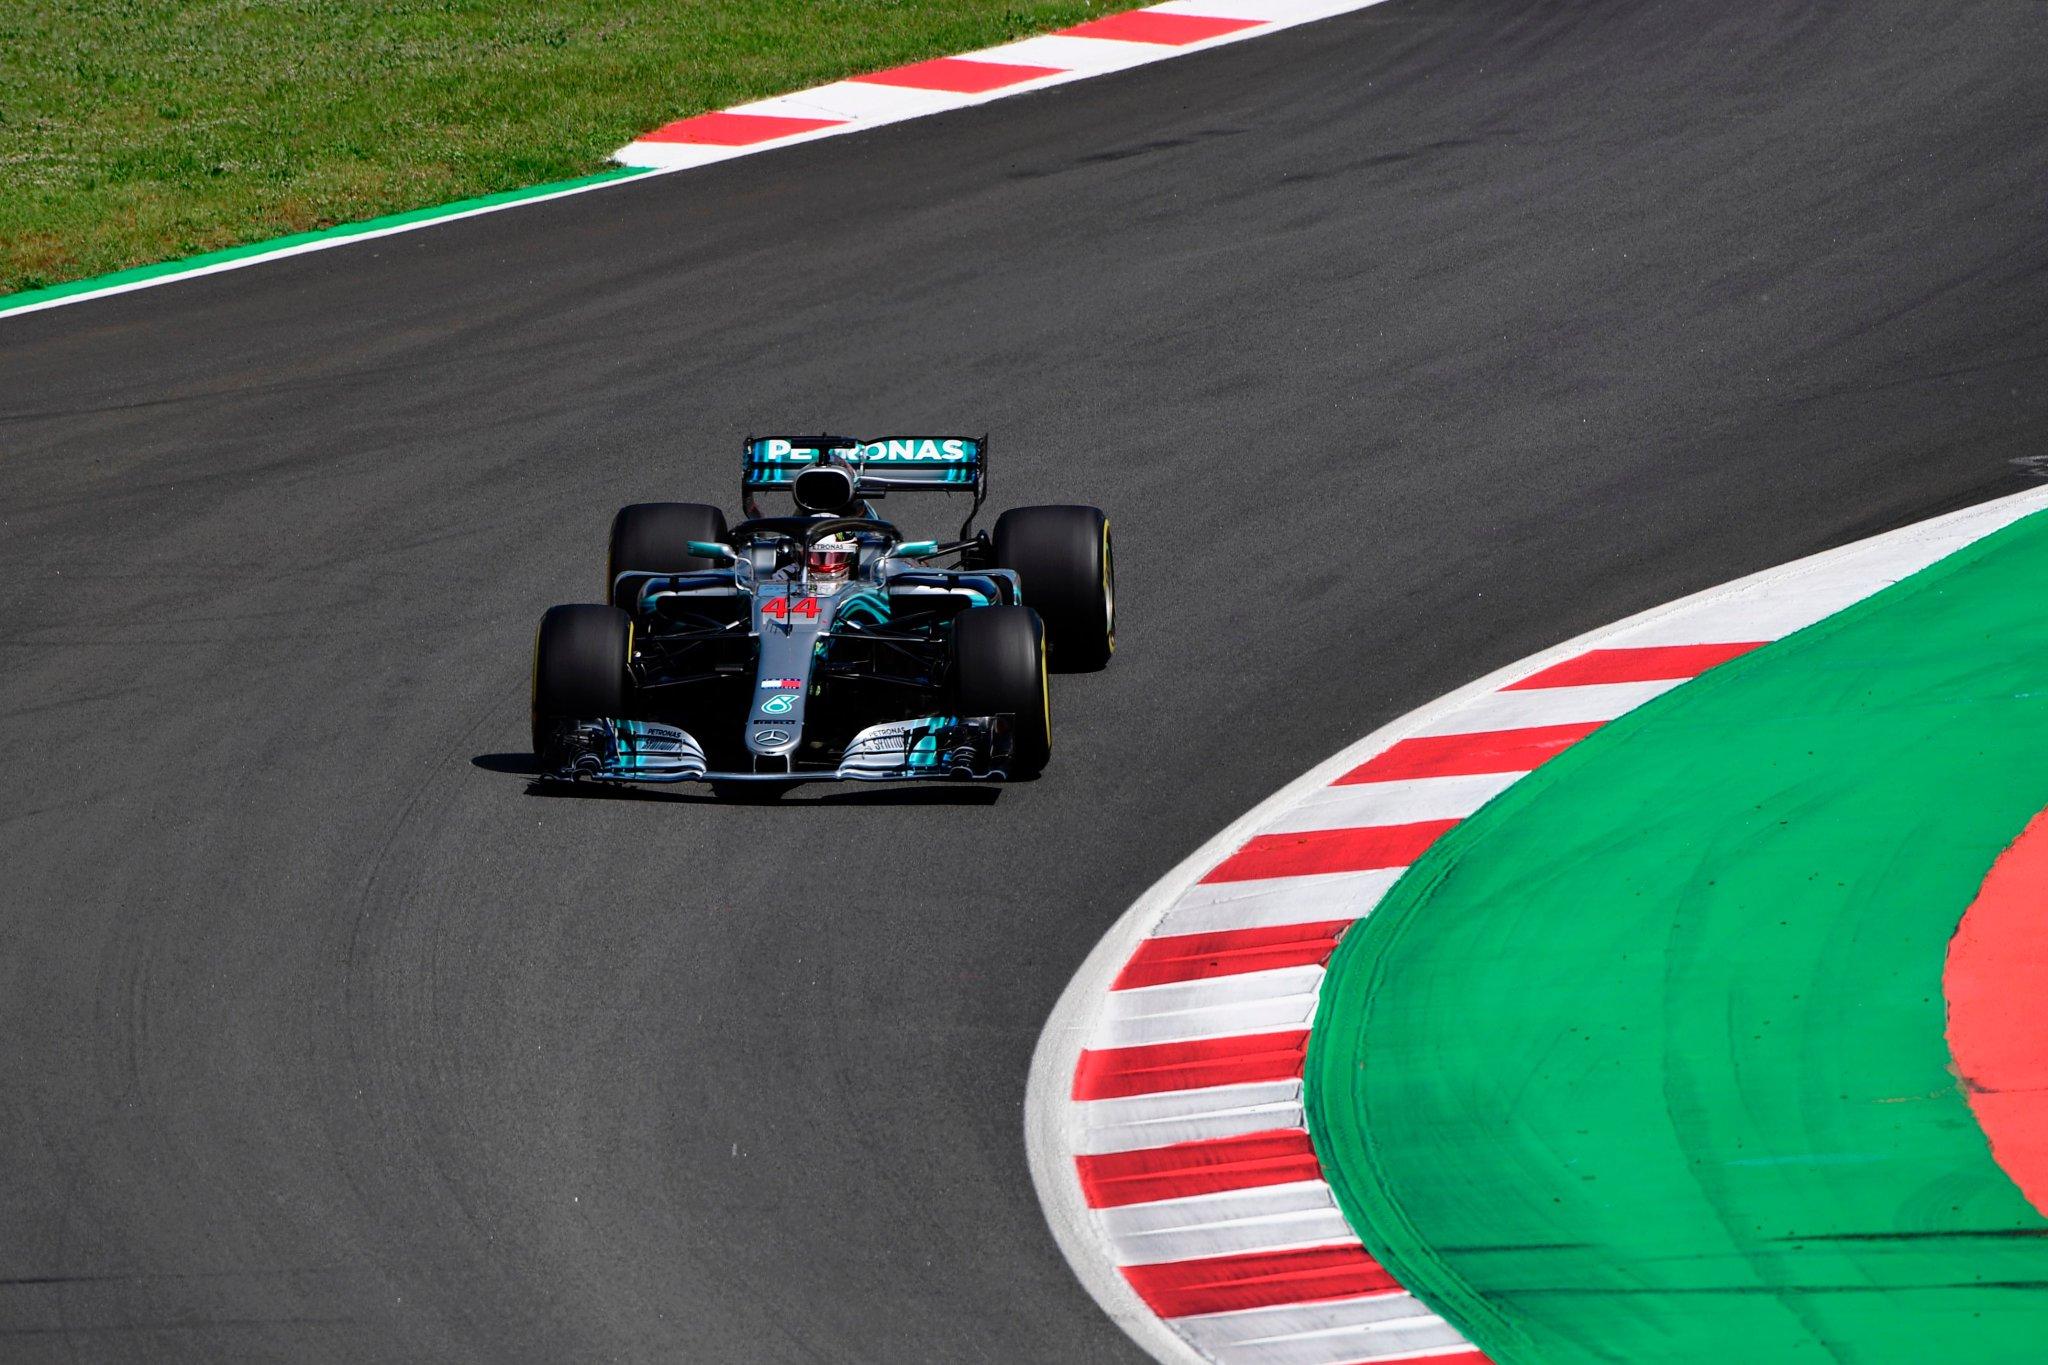 Льюис Хэмилтон за рулём болида Mercedes в Испании